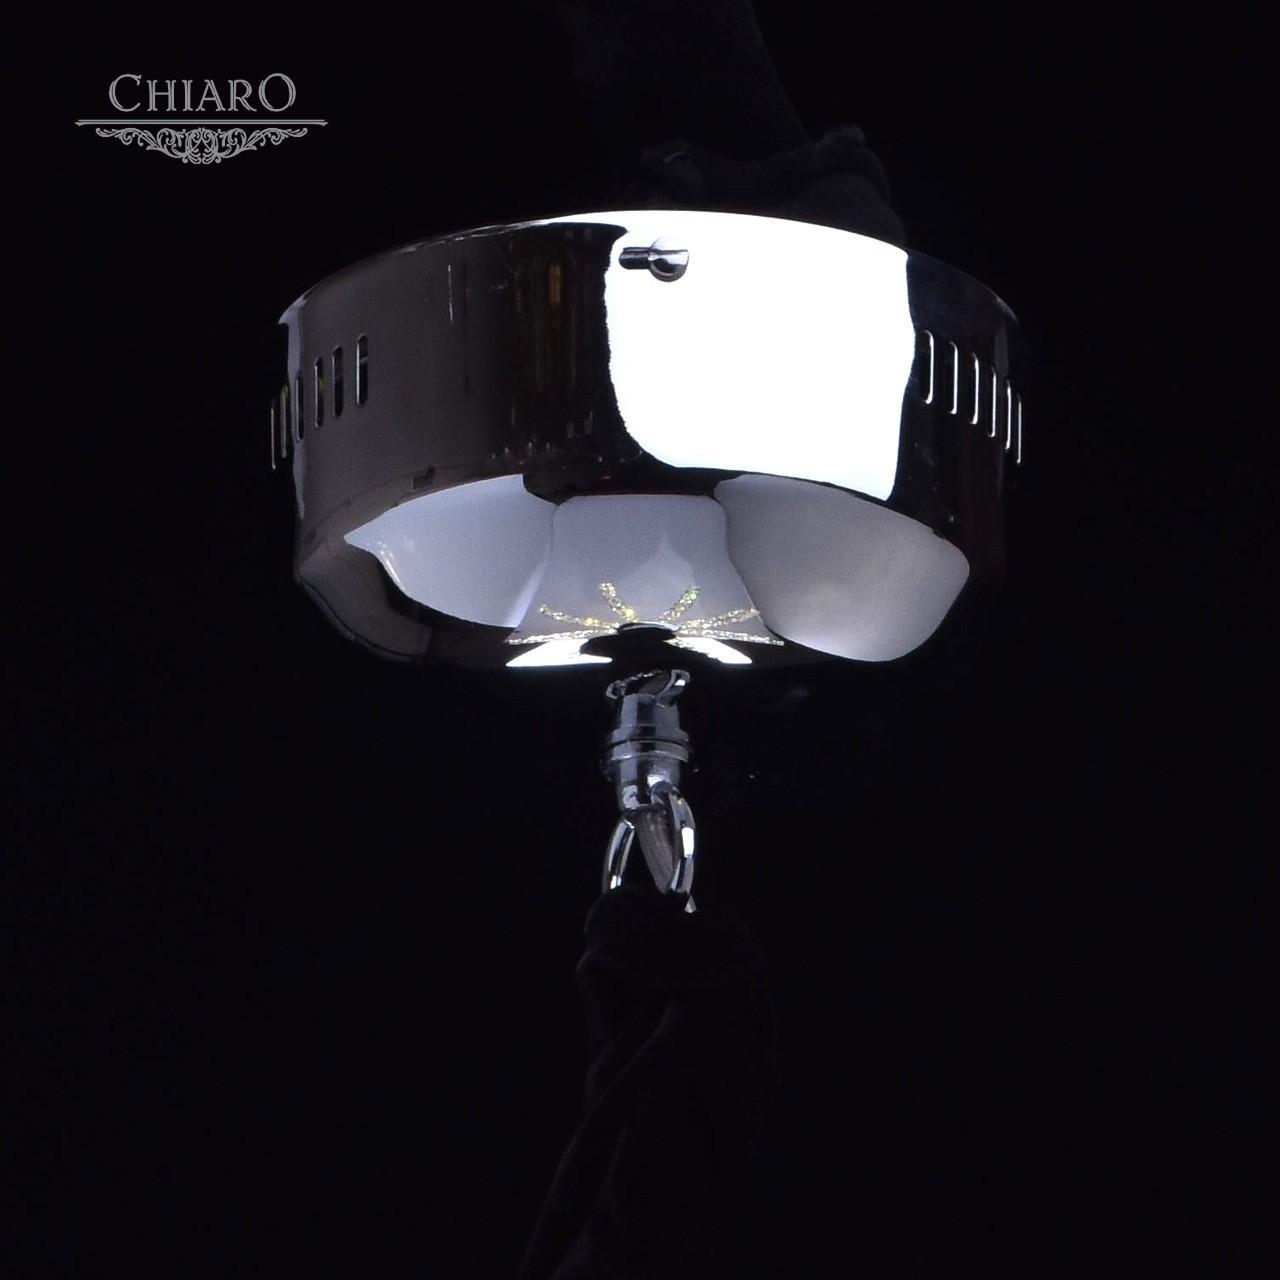 Подвесной светодиодный светильник Chiaro Кларис 437012708 светодиодный светильник кларис 7 437012402 chiaro 1115803